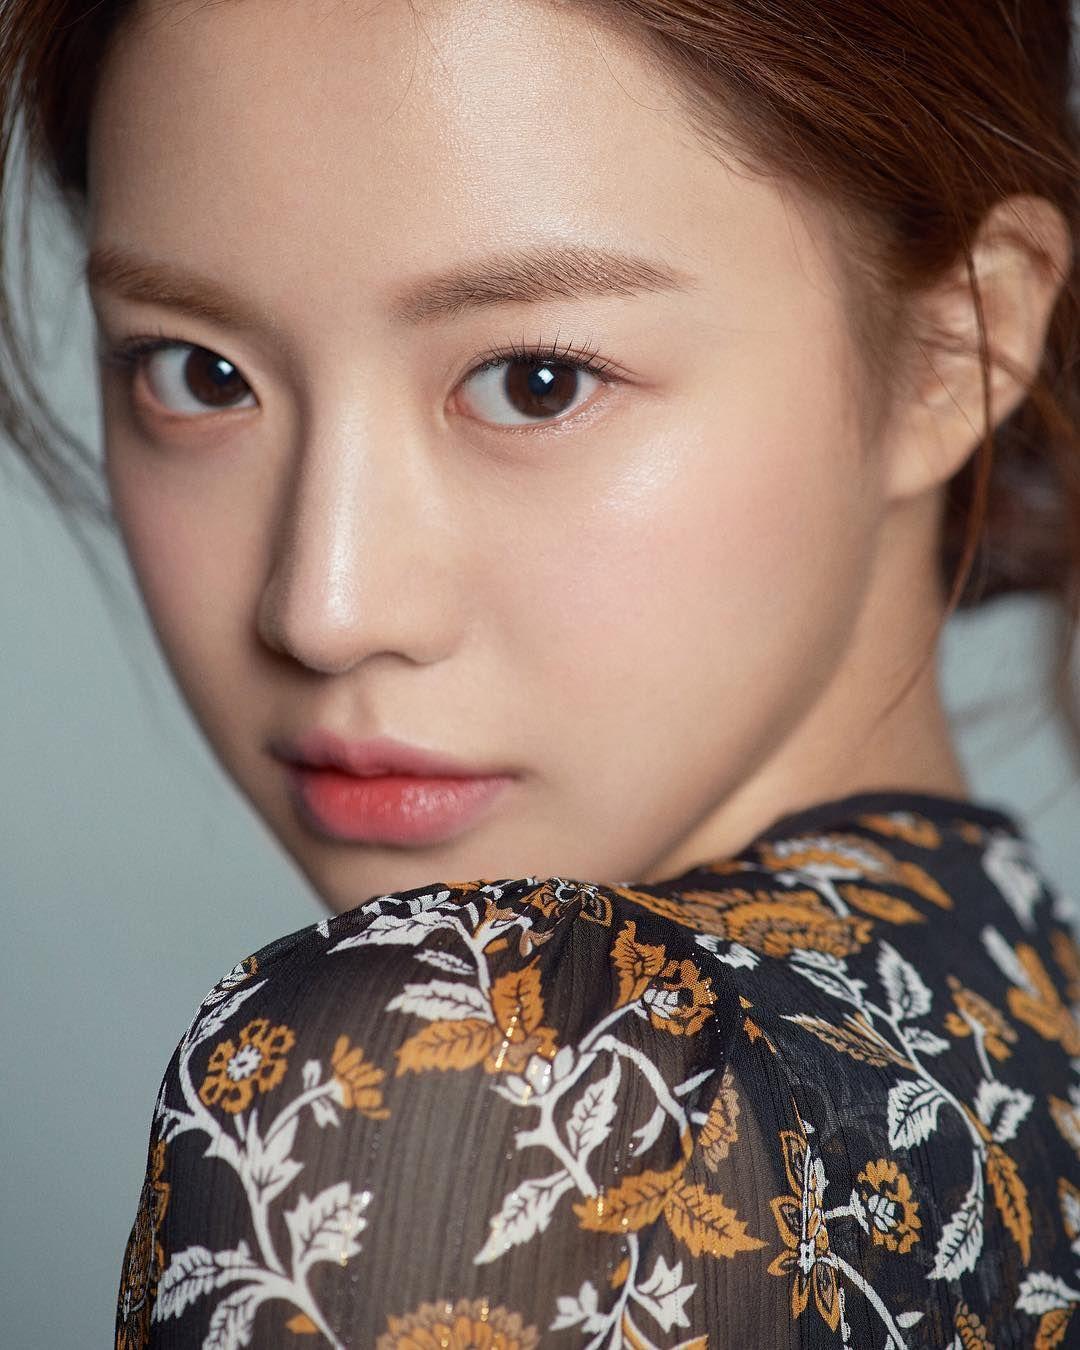 고윤정さん(goyounjung) • Instagram写真と動画 アジアの化粧チュートリアル, コリアン